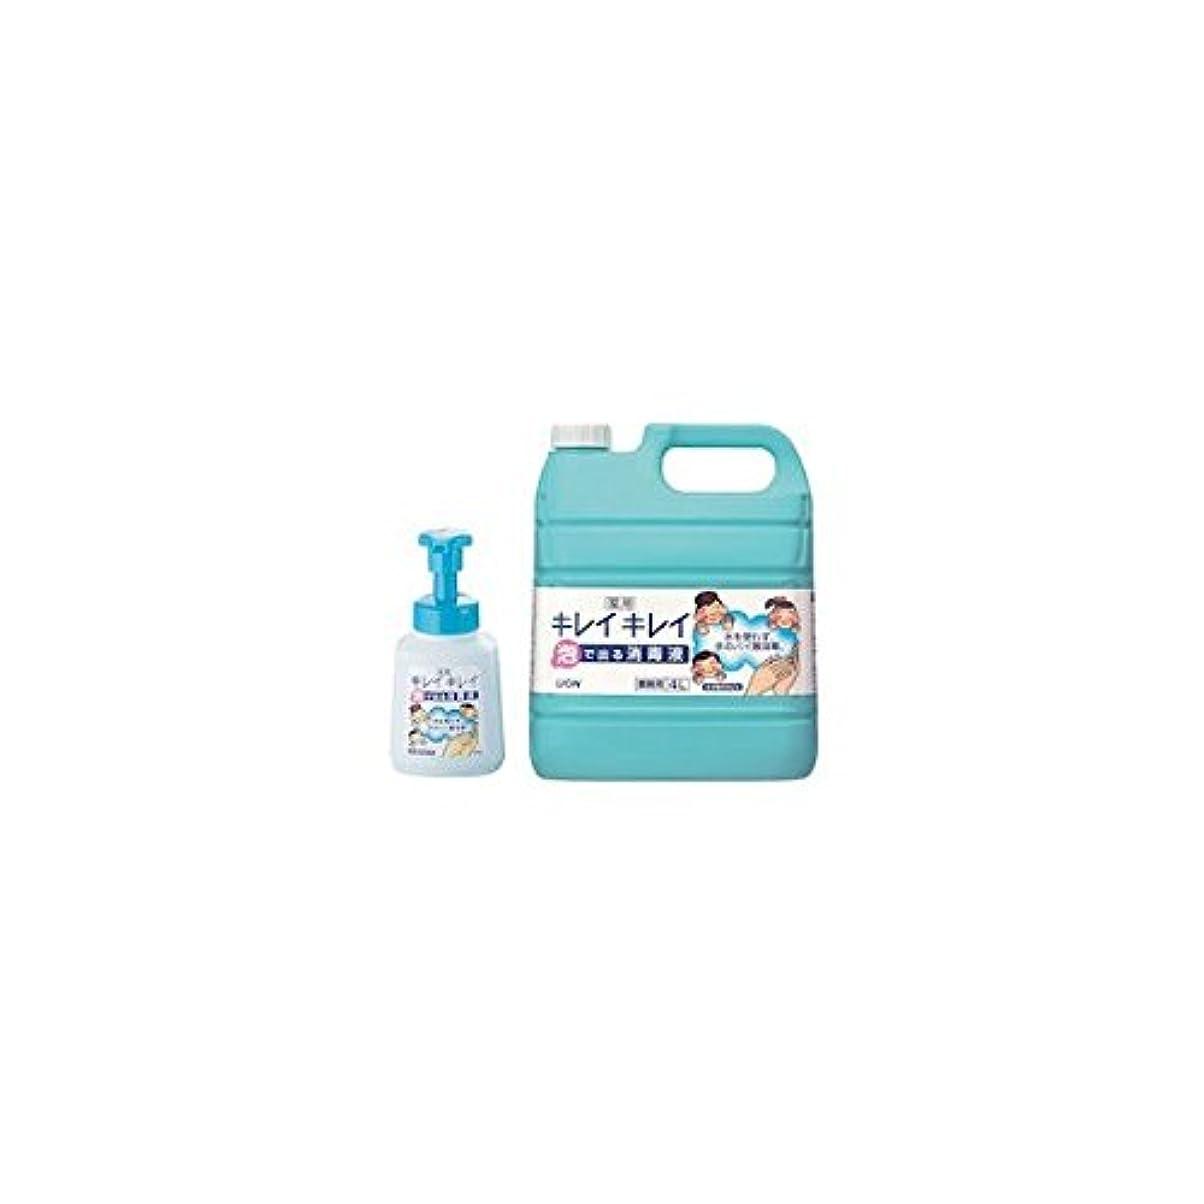 陰謀技術残りライオン キレイキレイ泡で出る消毒液 4L(専用ポンプ付) 【品番】JHV2901